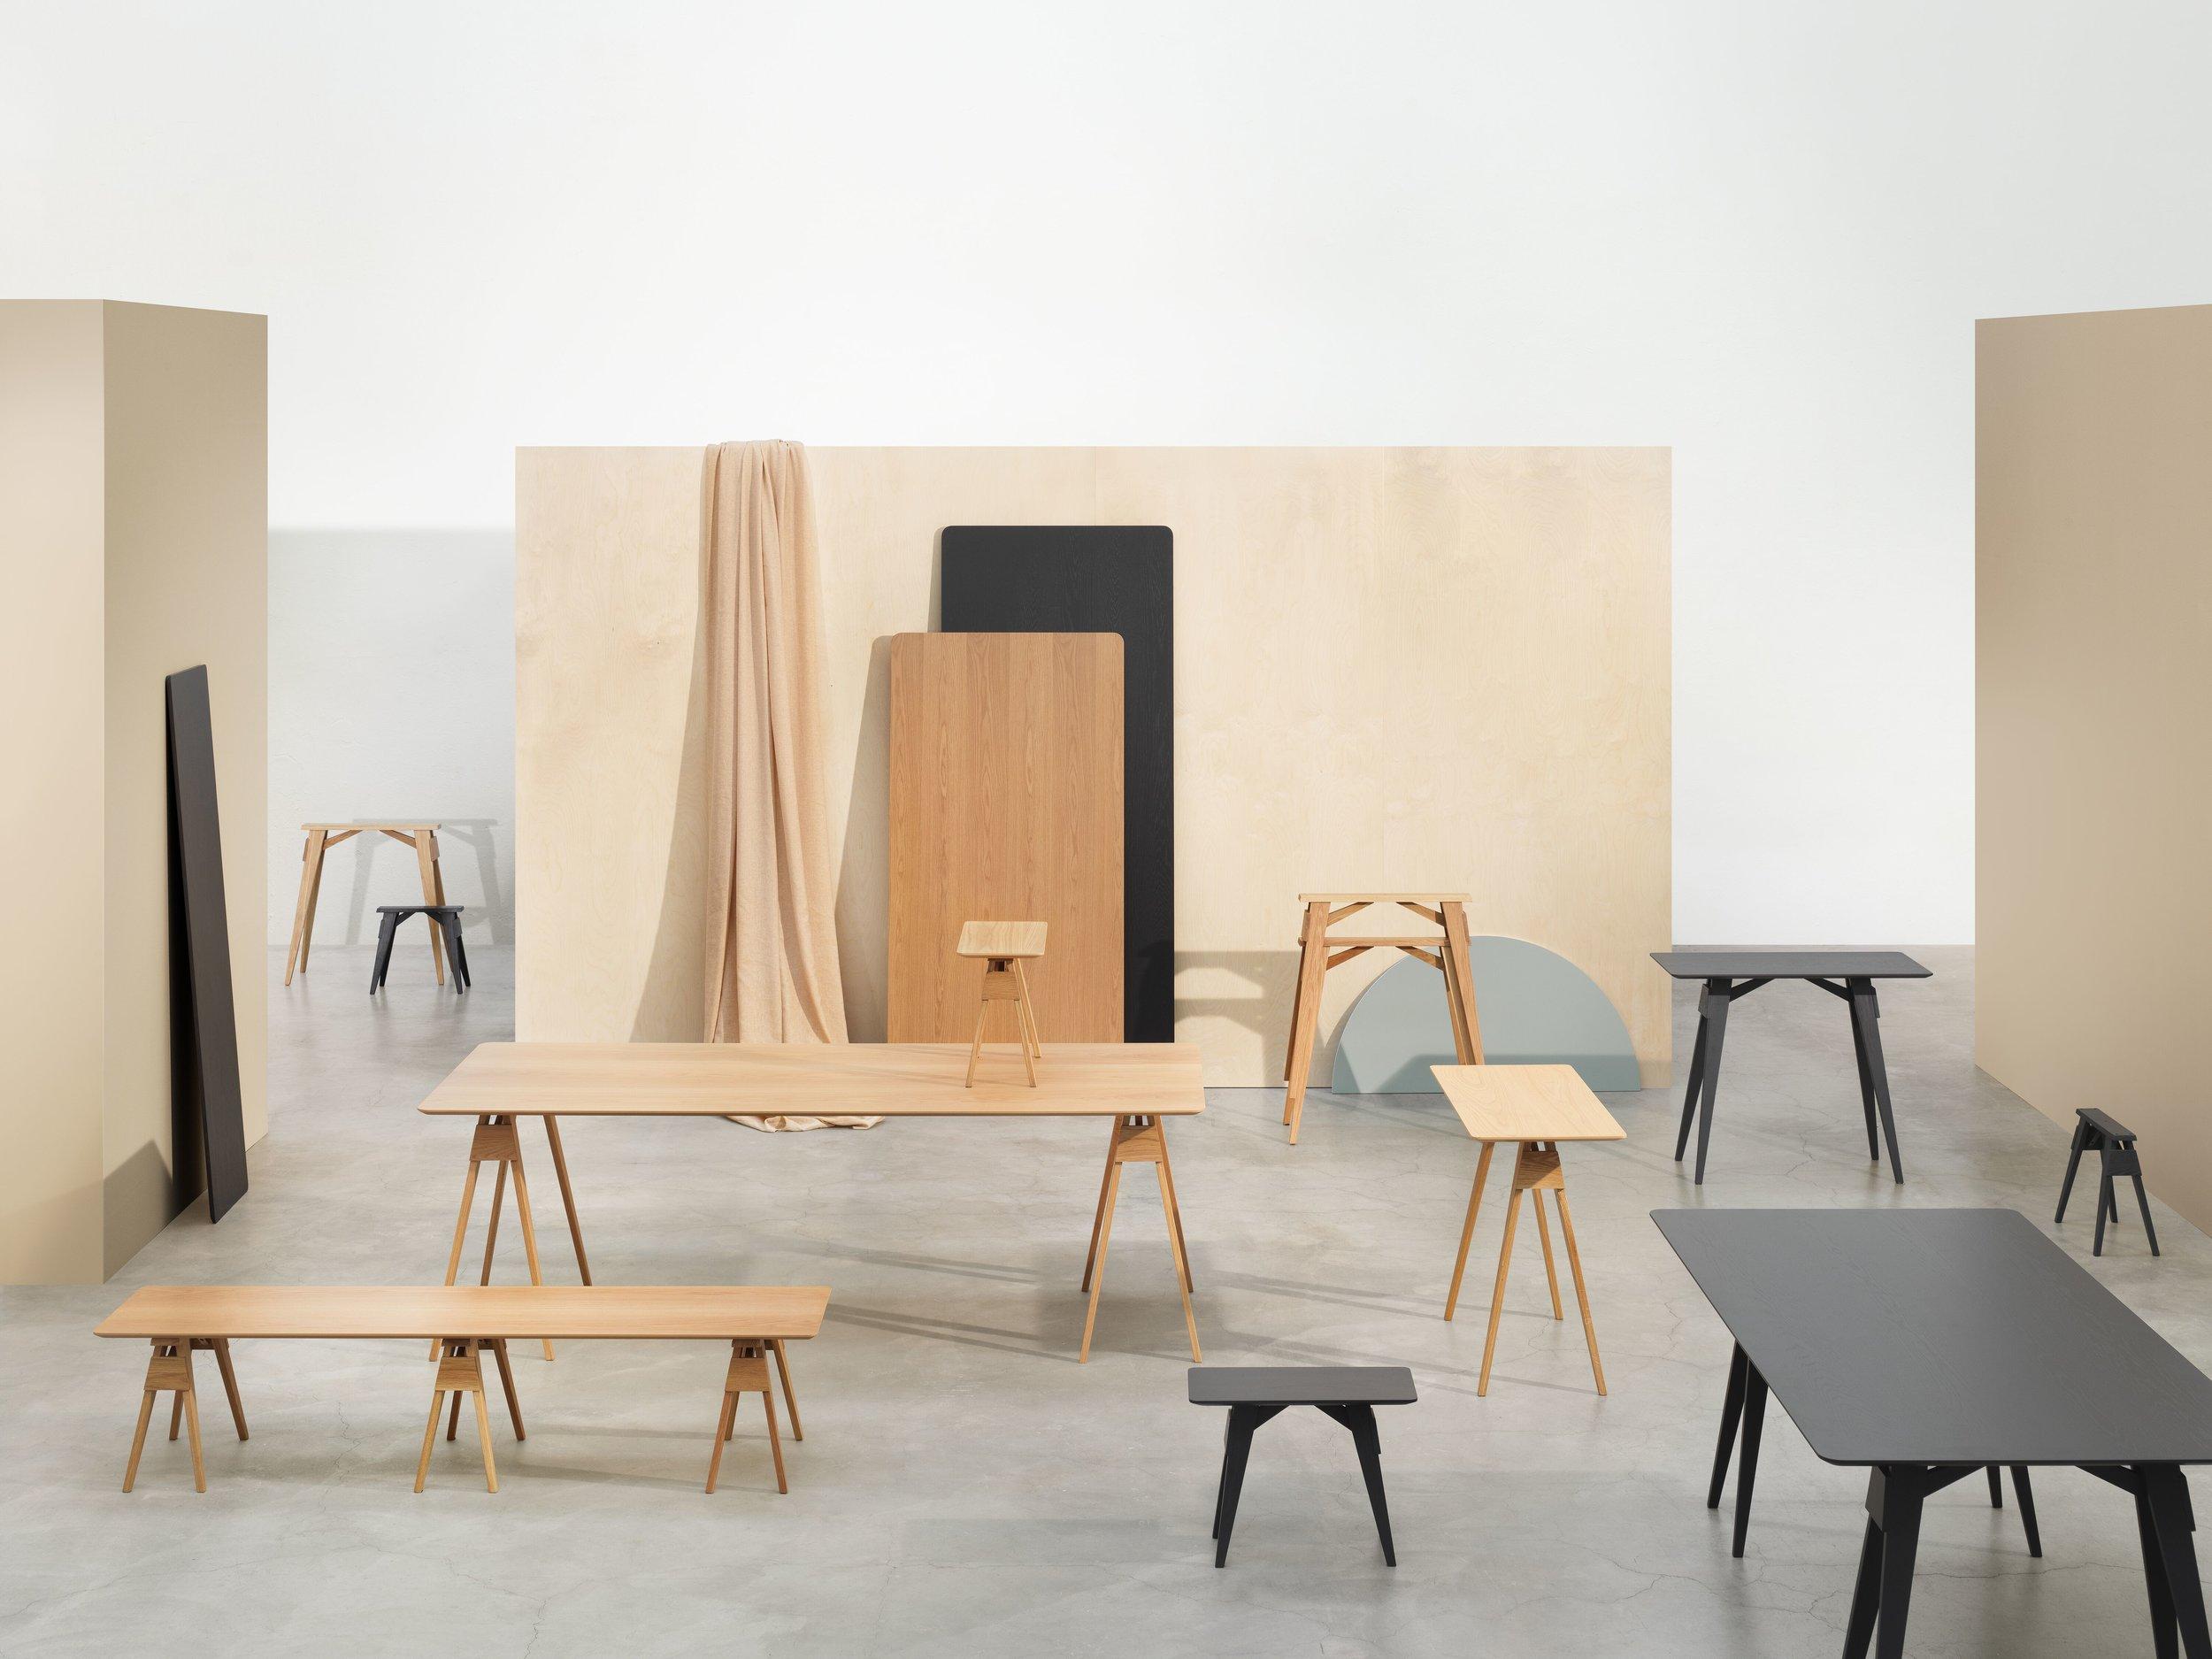 Arco tabletop & benchtop  Designed byDesign House Stockholm Studio